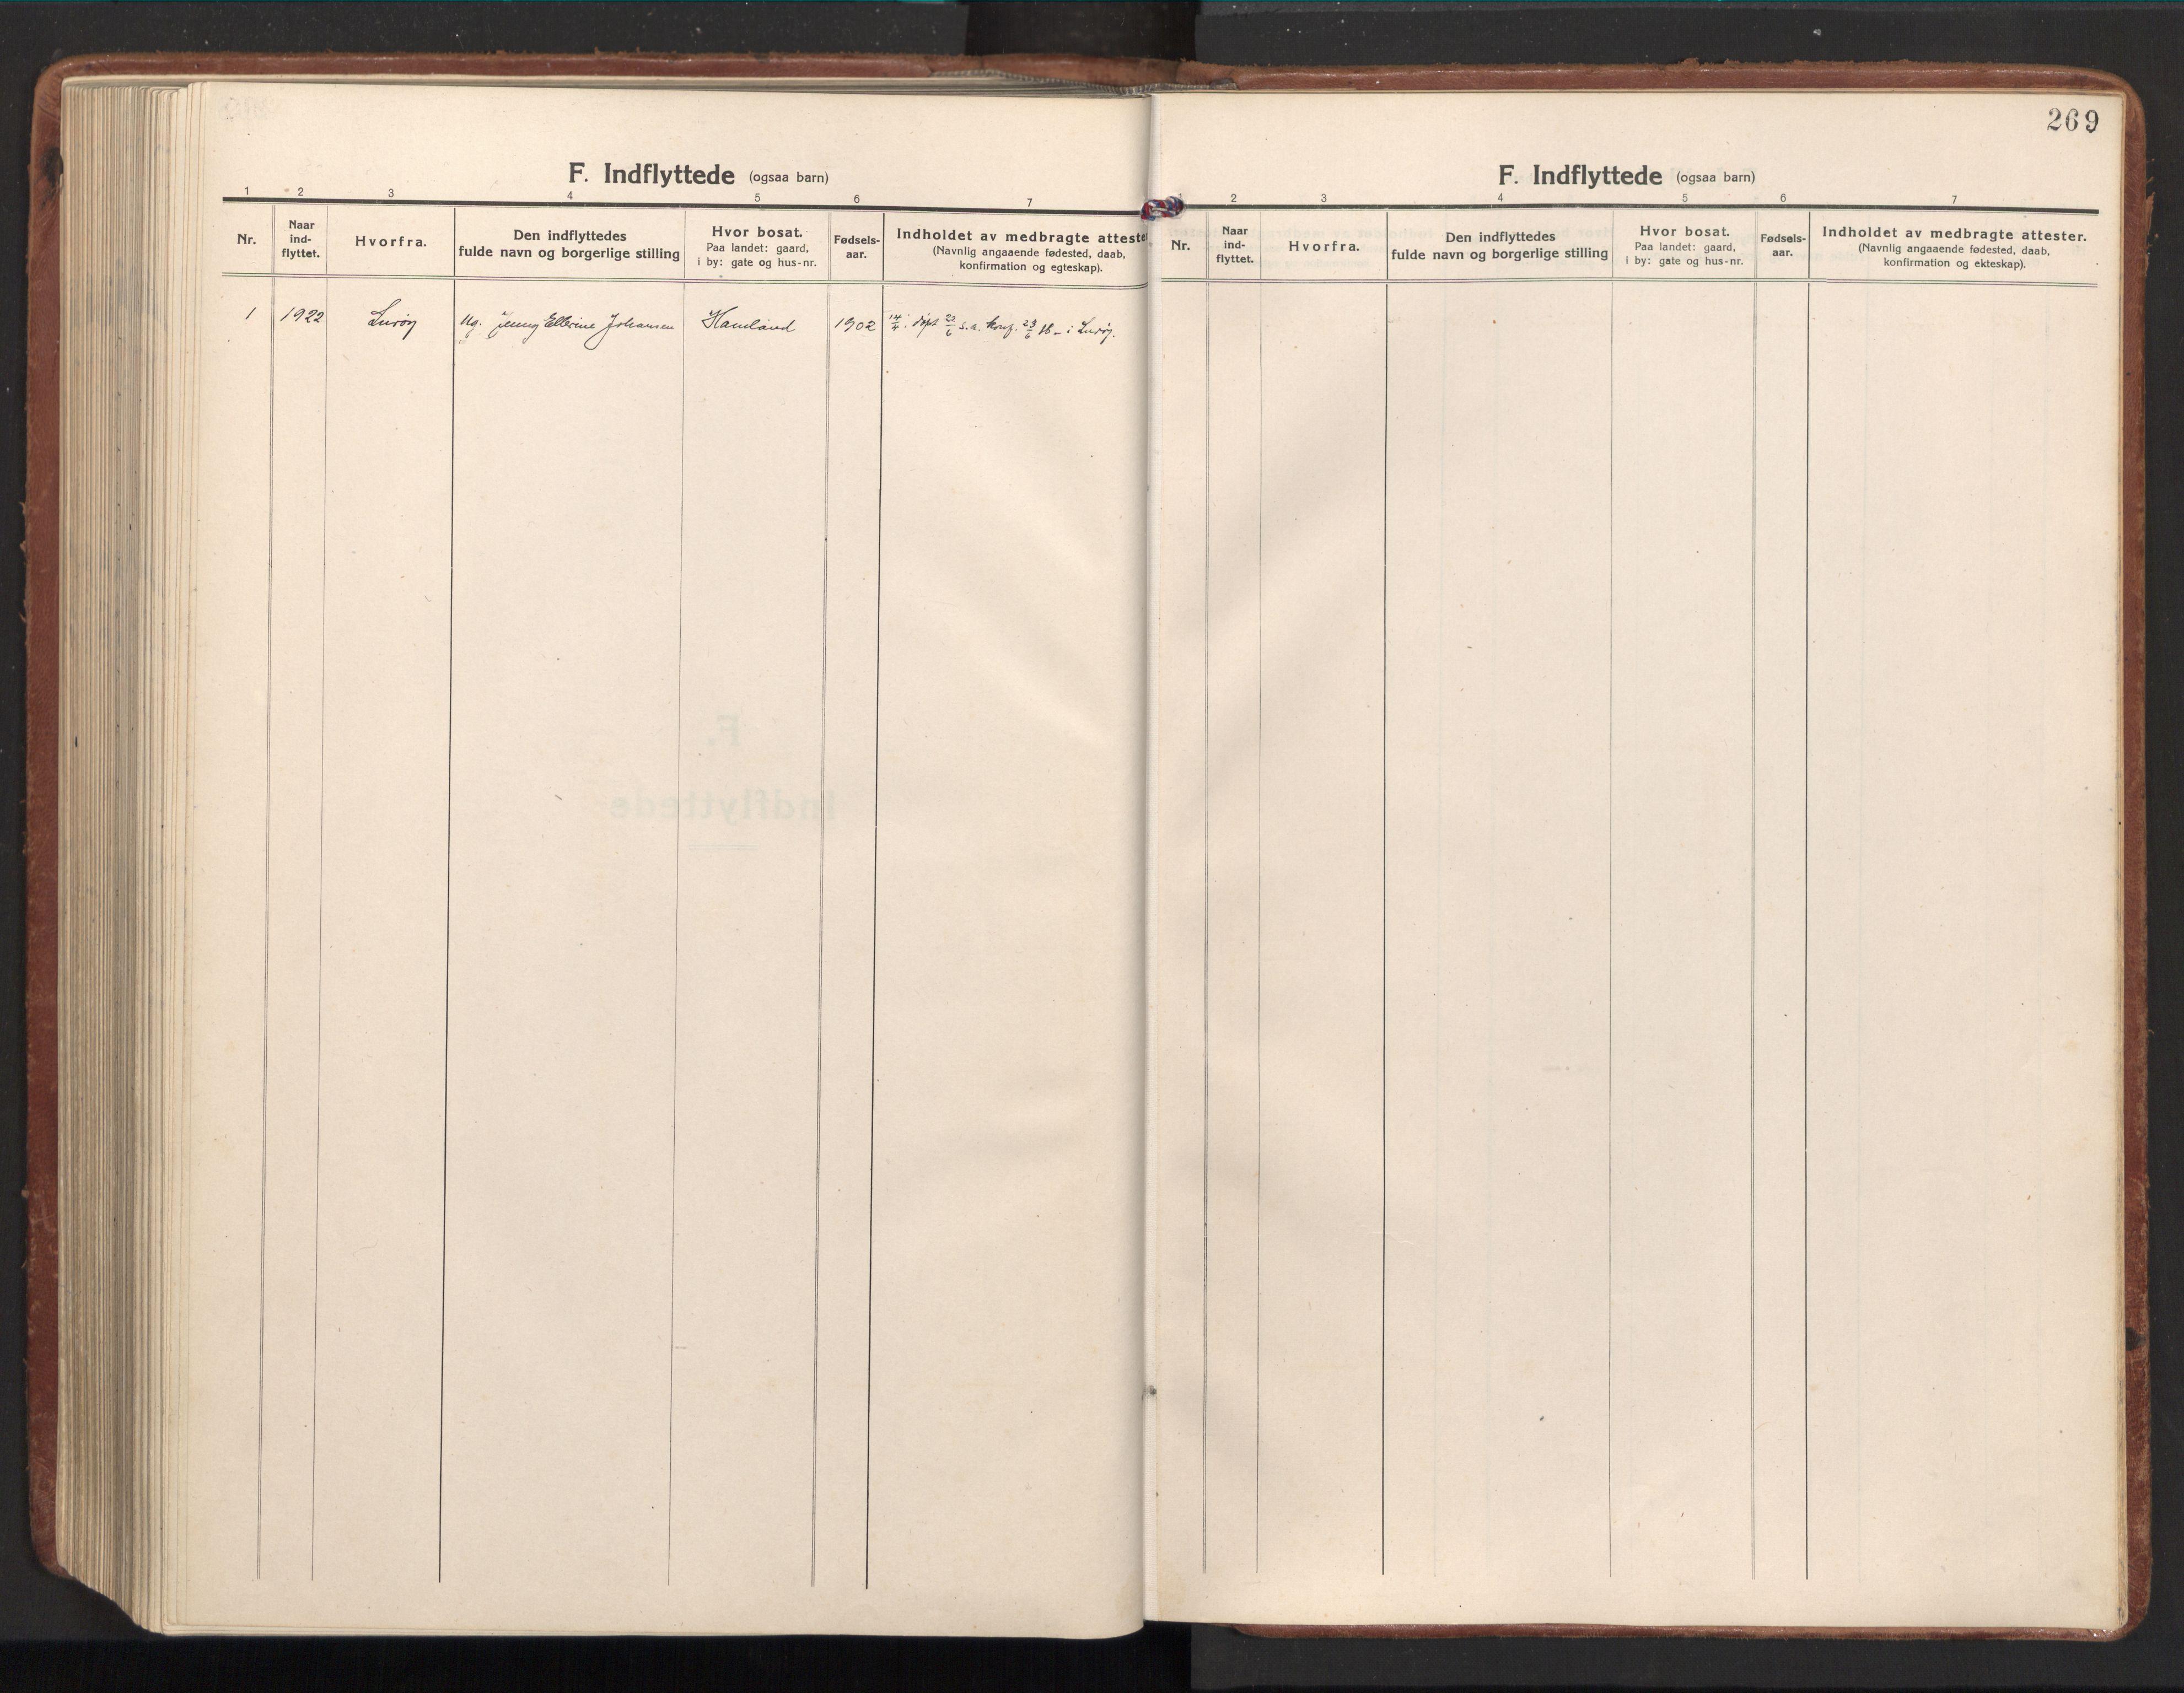 SAT, Ministerialprotokoller, klokkerbøker og fødselsregistre - Nord-Trøndelag, 784/L0678: Ministerialbok nr. 784A13, 1921-1938, s. 269